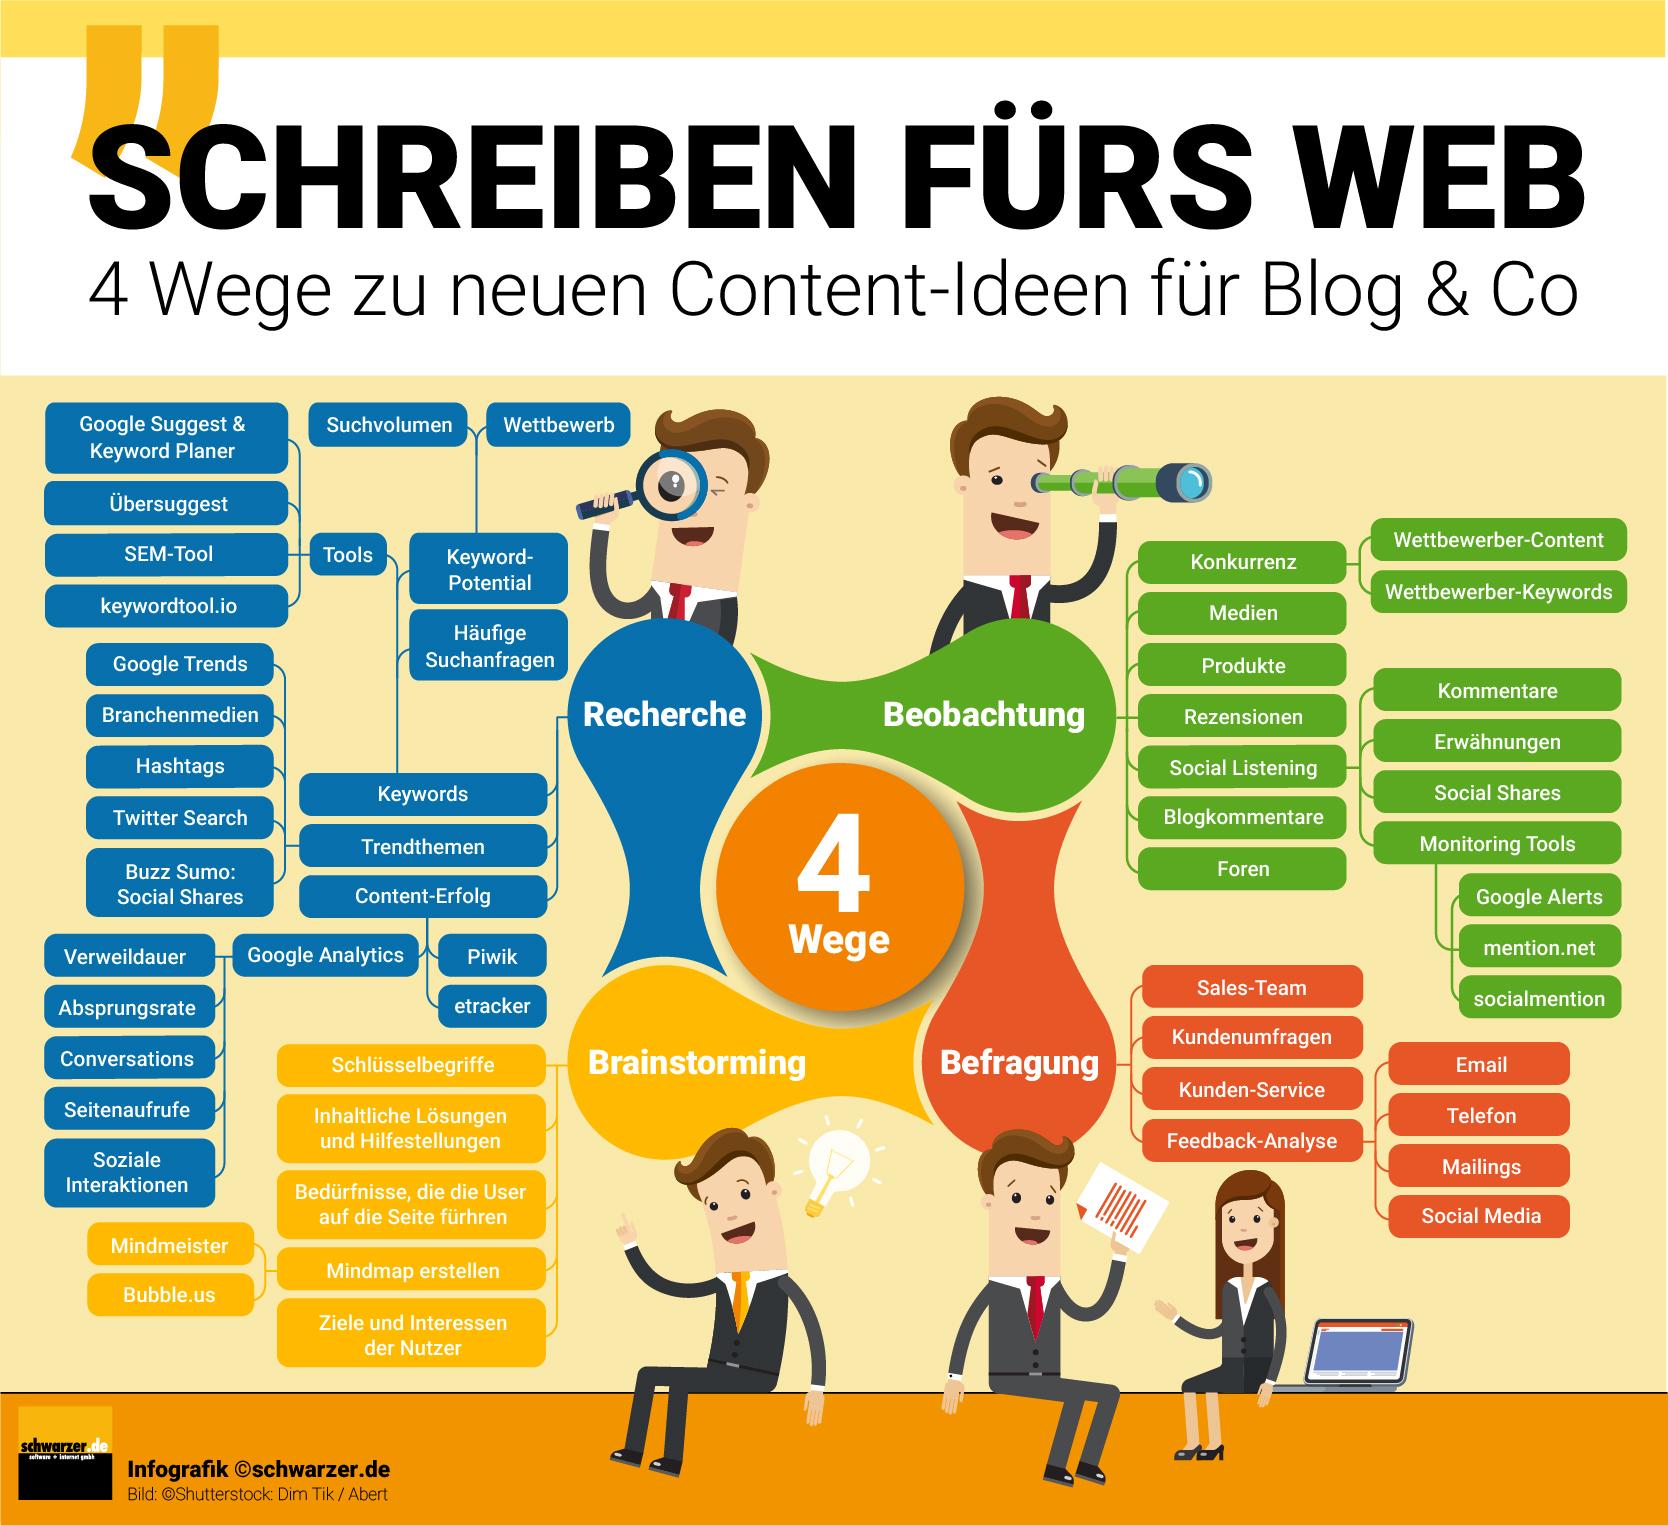 Infografik: 4 Wege zu neuen Content-Ideen für Deinen Blog und Co - so ist das Schreiben fürs Web garnicht so schwer!